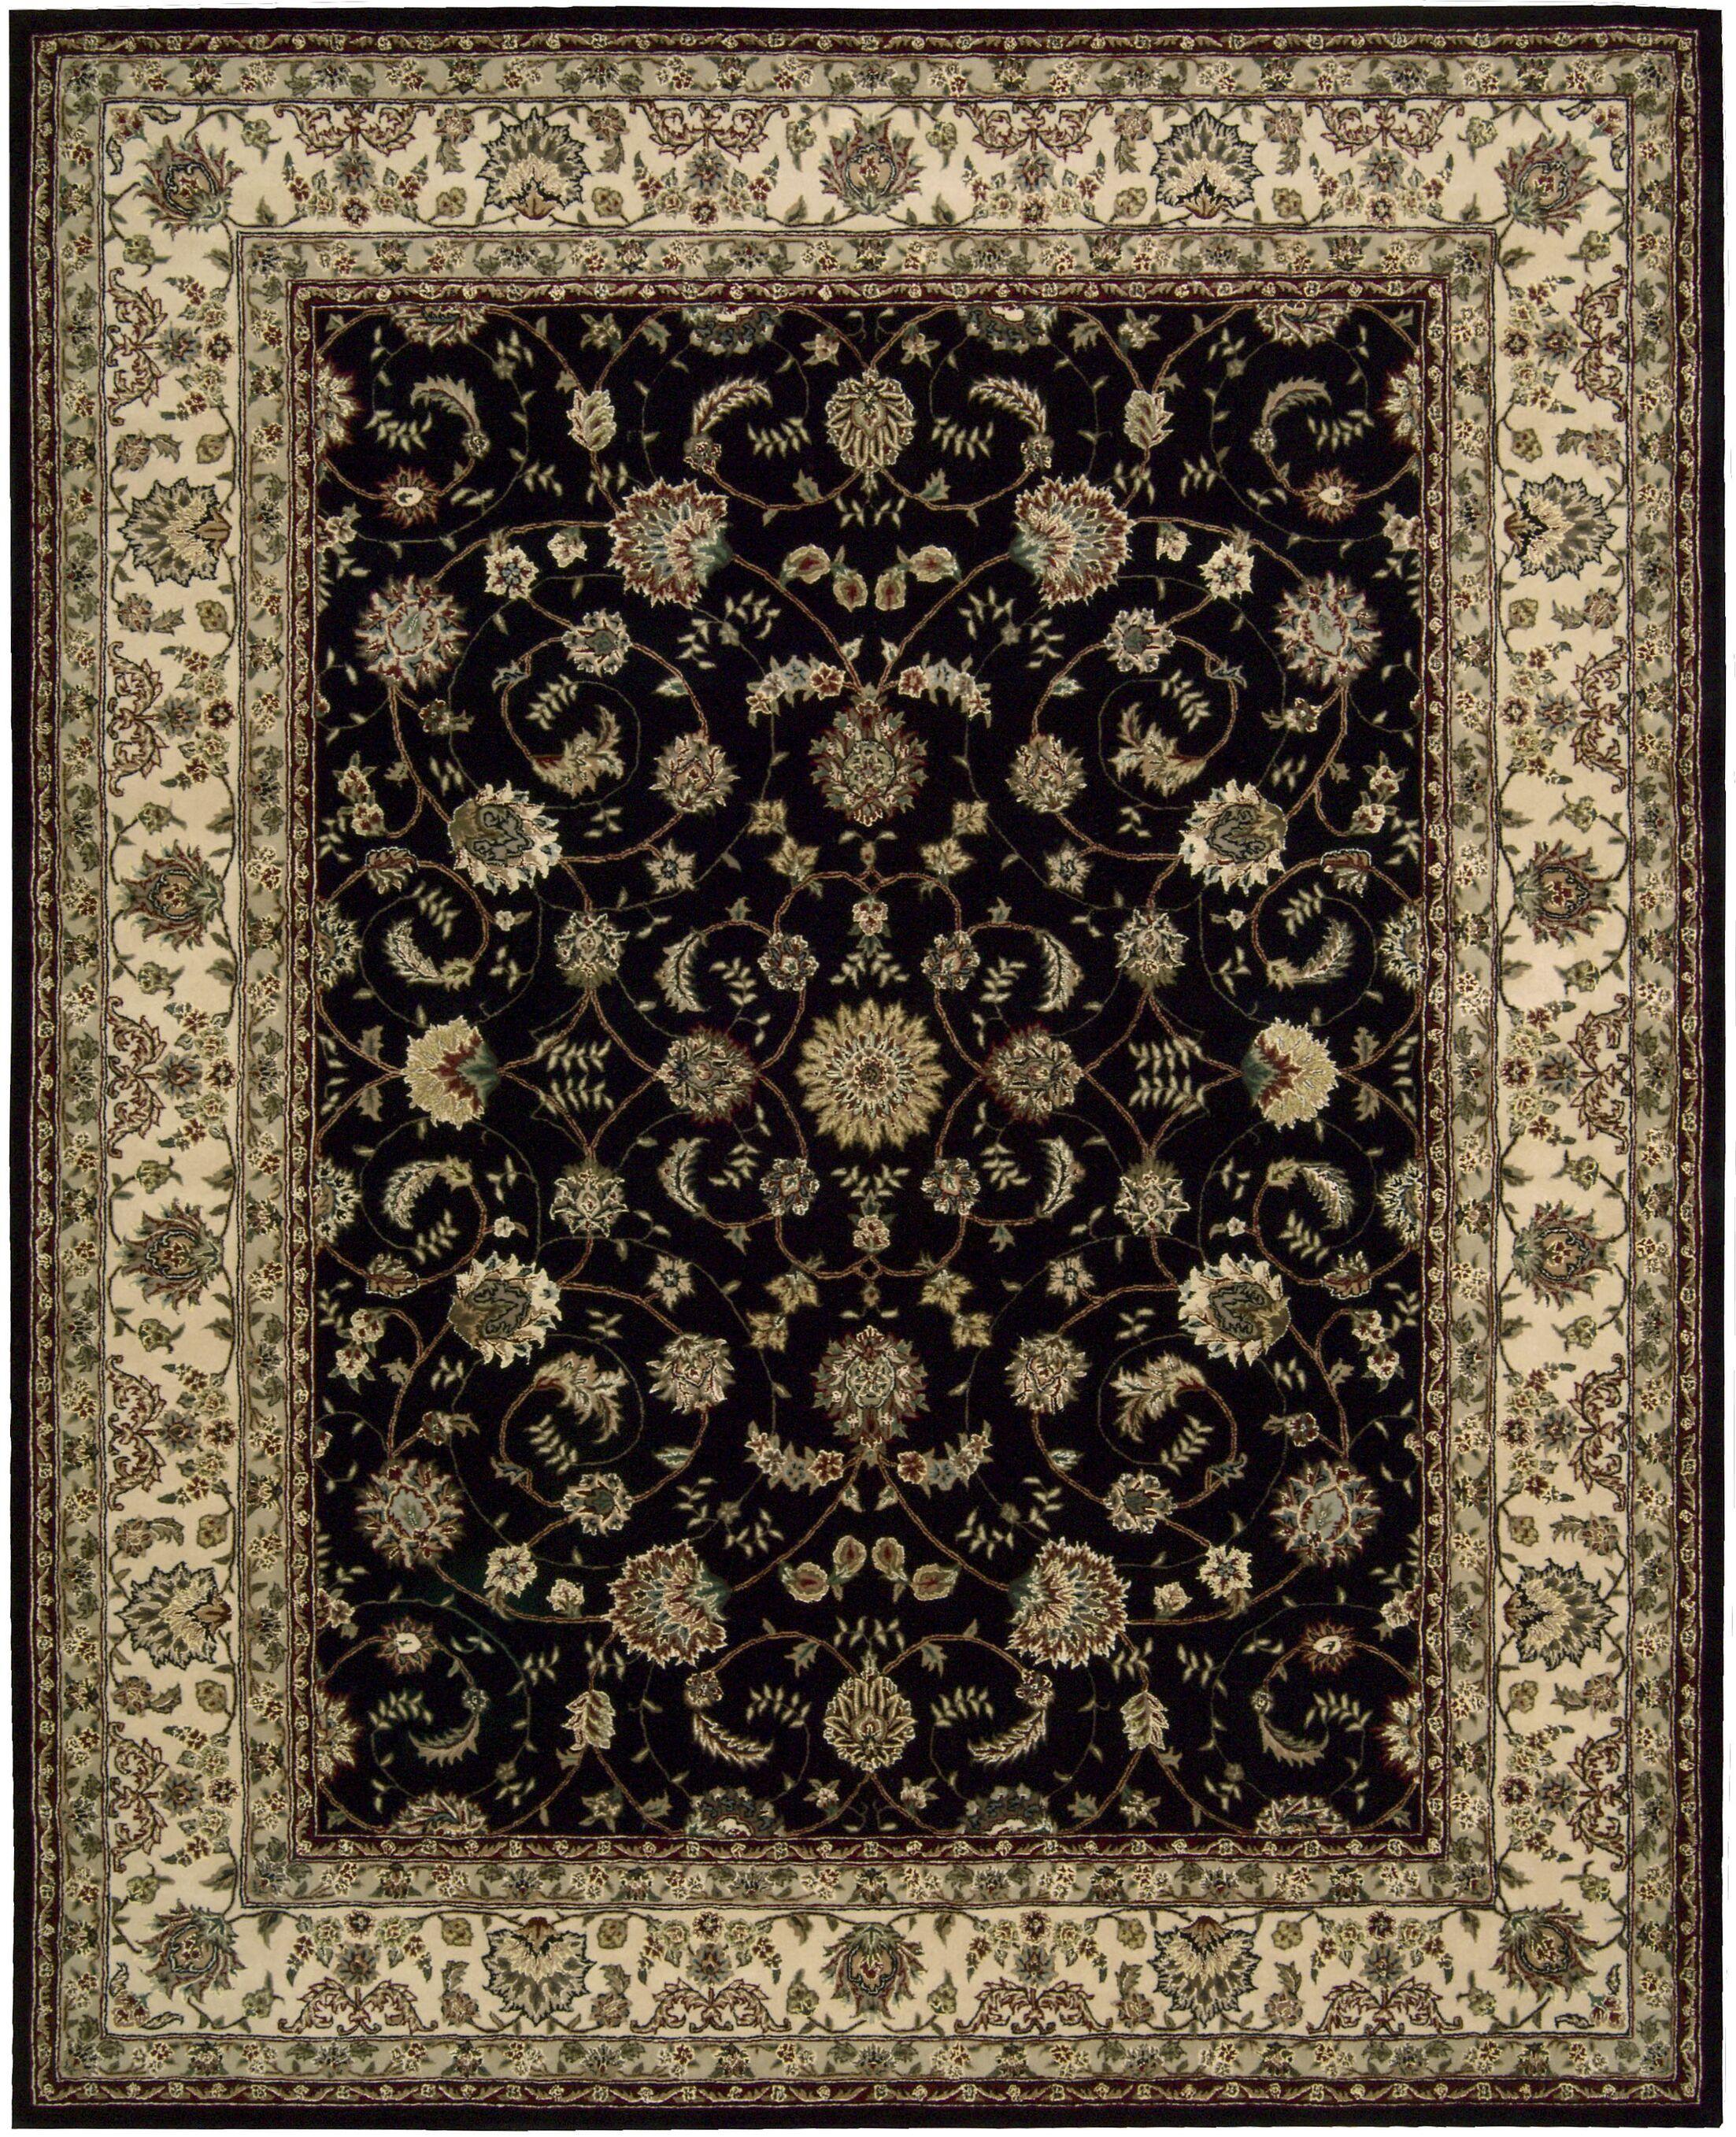 Ellerswick Hand Woven Wool Beige/Black Indoor Area Rug Rug Size: Rectangle 5'6